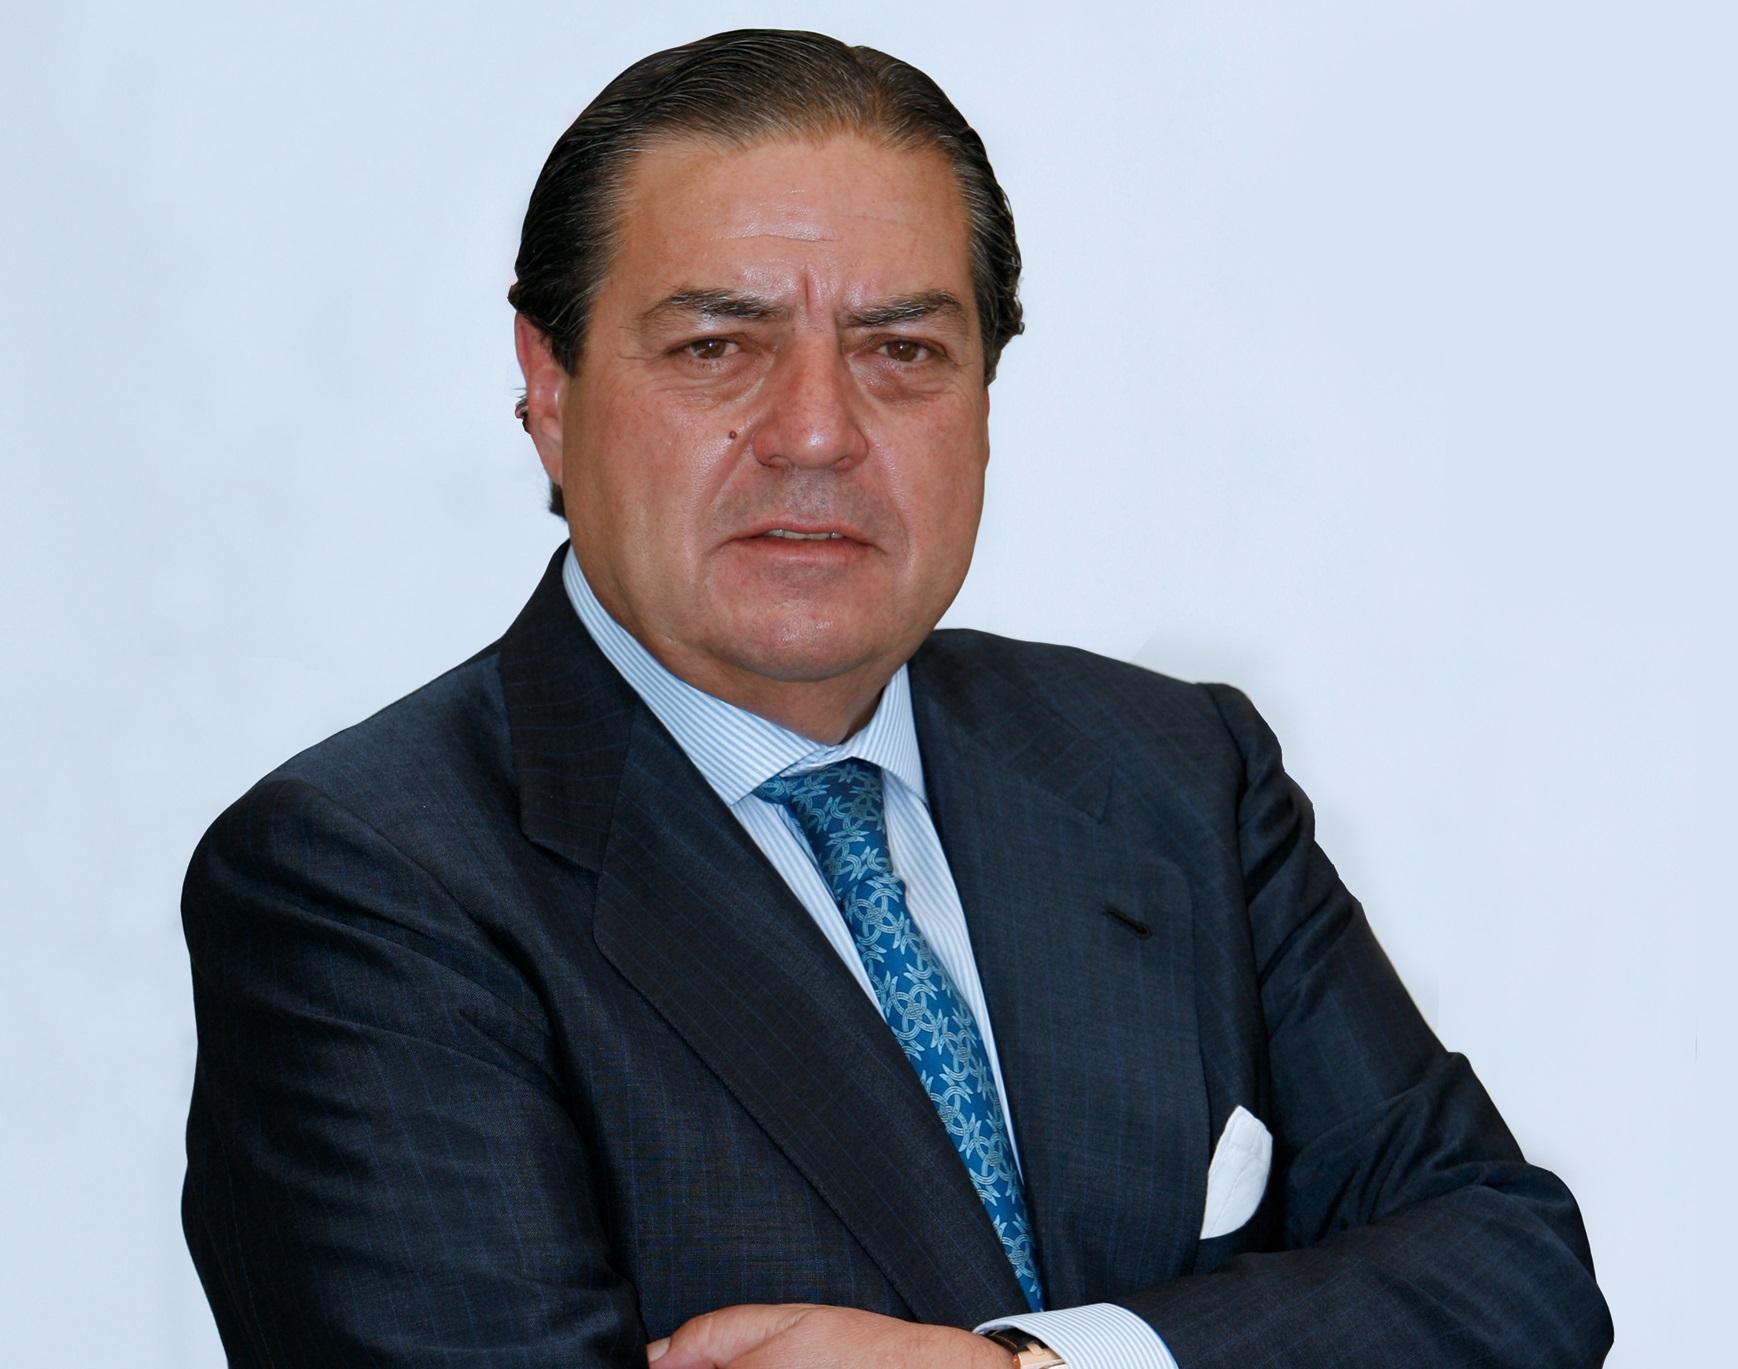 """Vicente Boluda: """"La fuerza y éxito de nuestra iniciativa estriba en la unidad que hemos alcanzado en objetivos y en acción"""""""